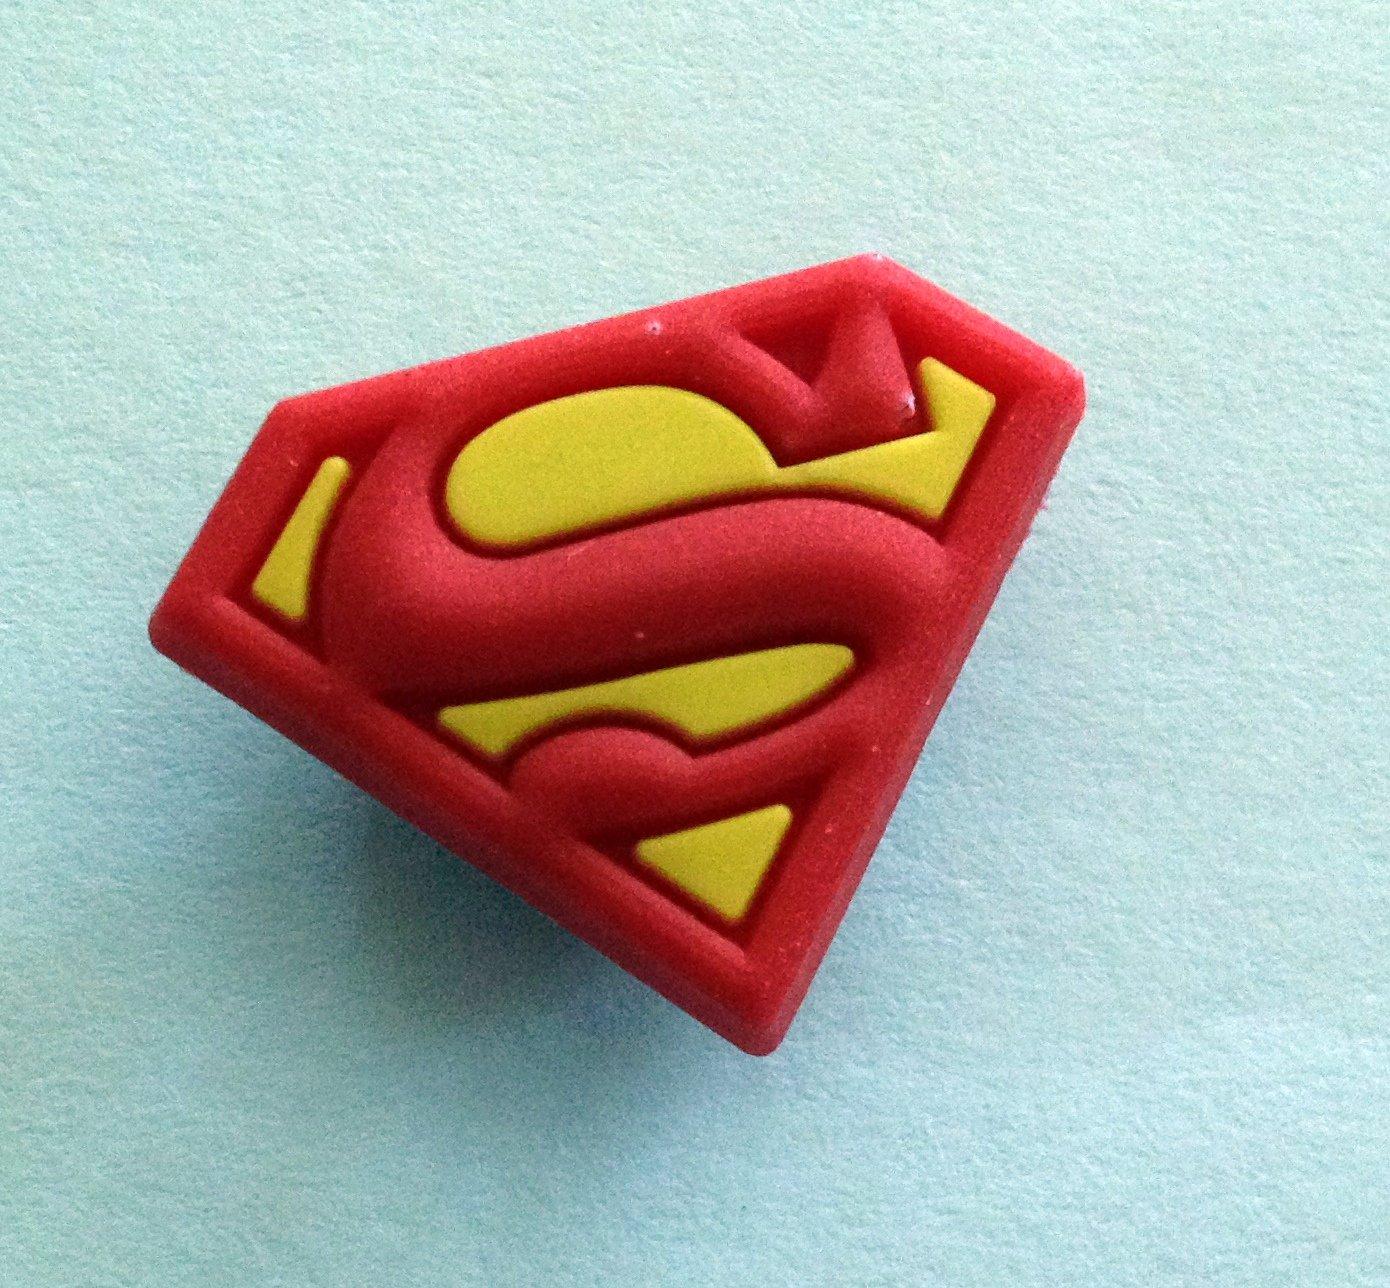 Superman Comic Book Emblem Shoe Charm Party Favors